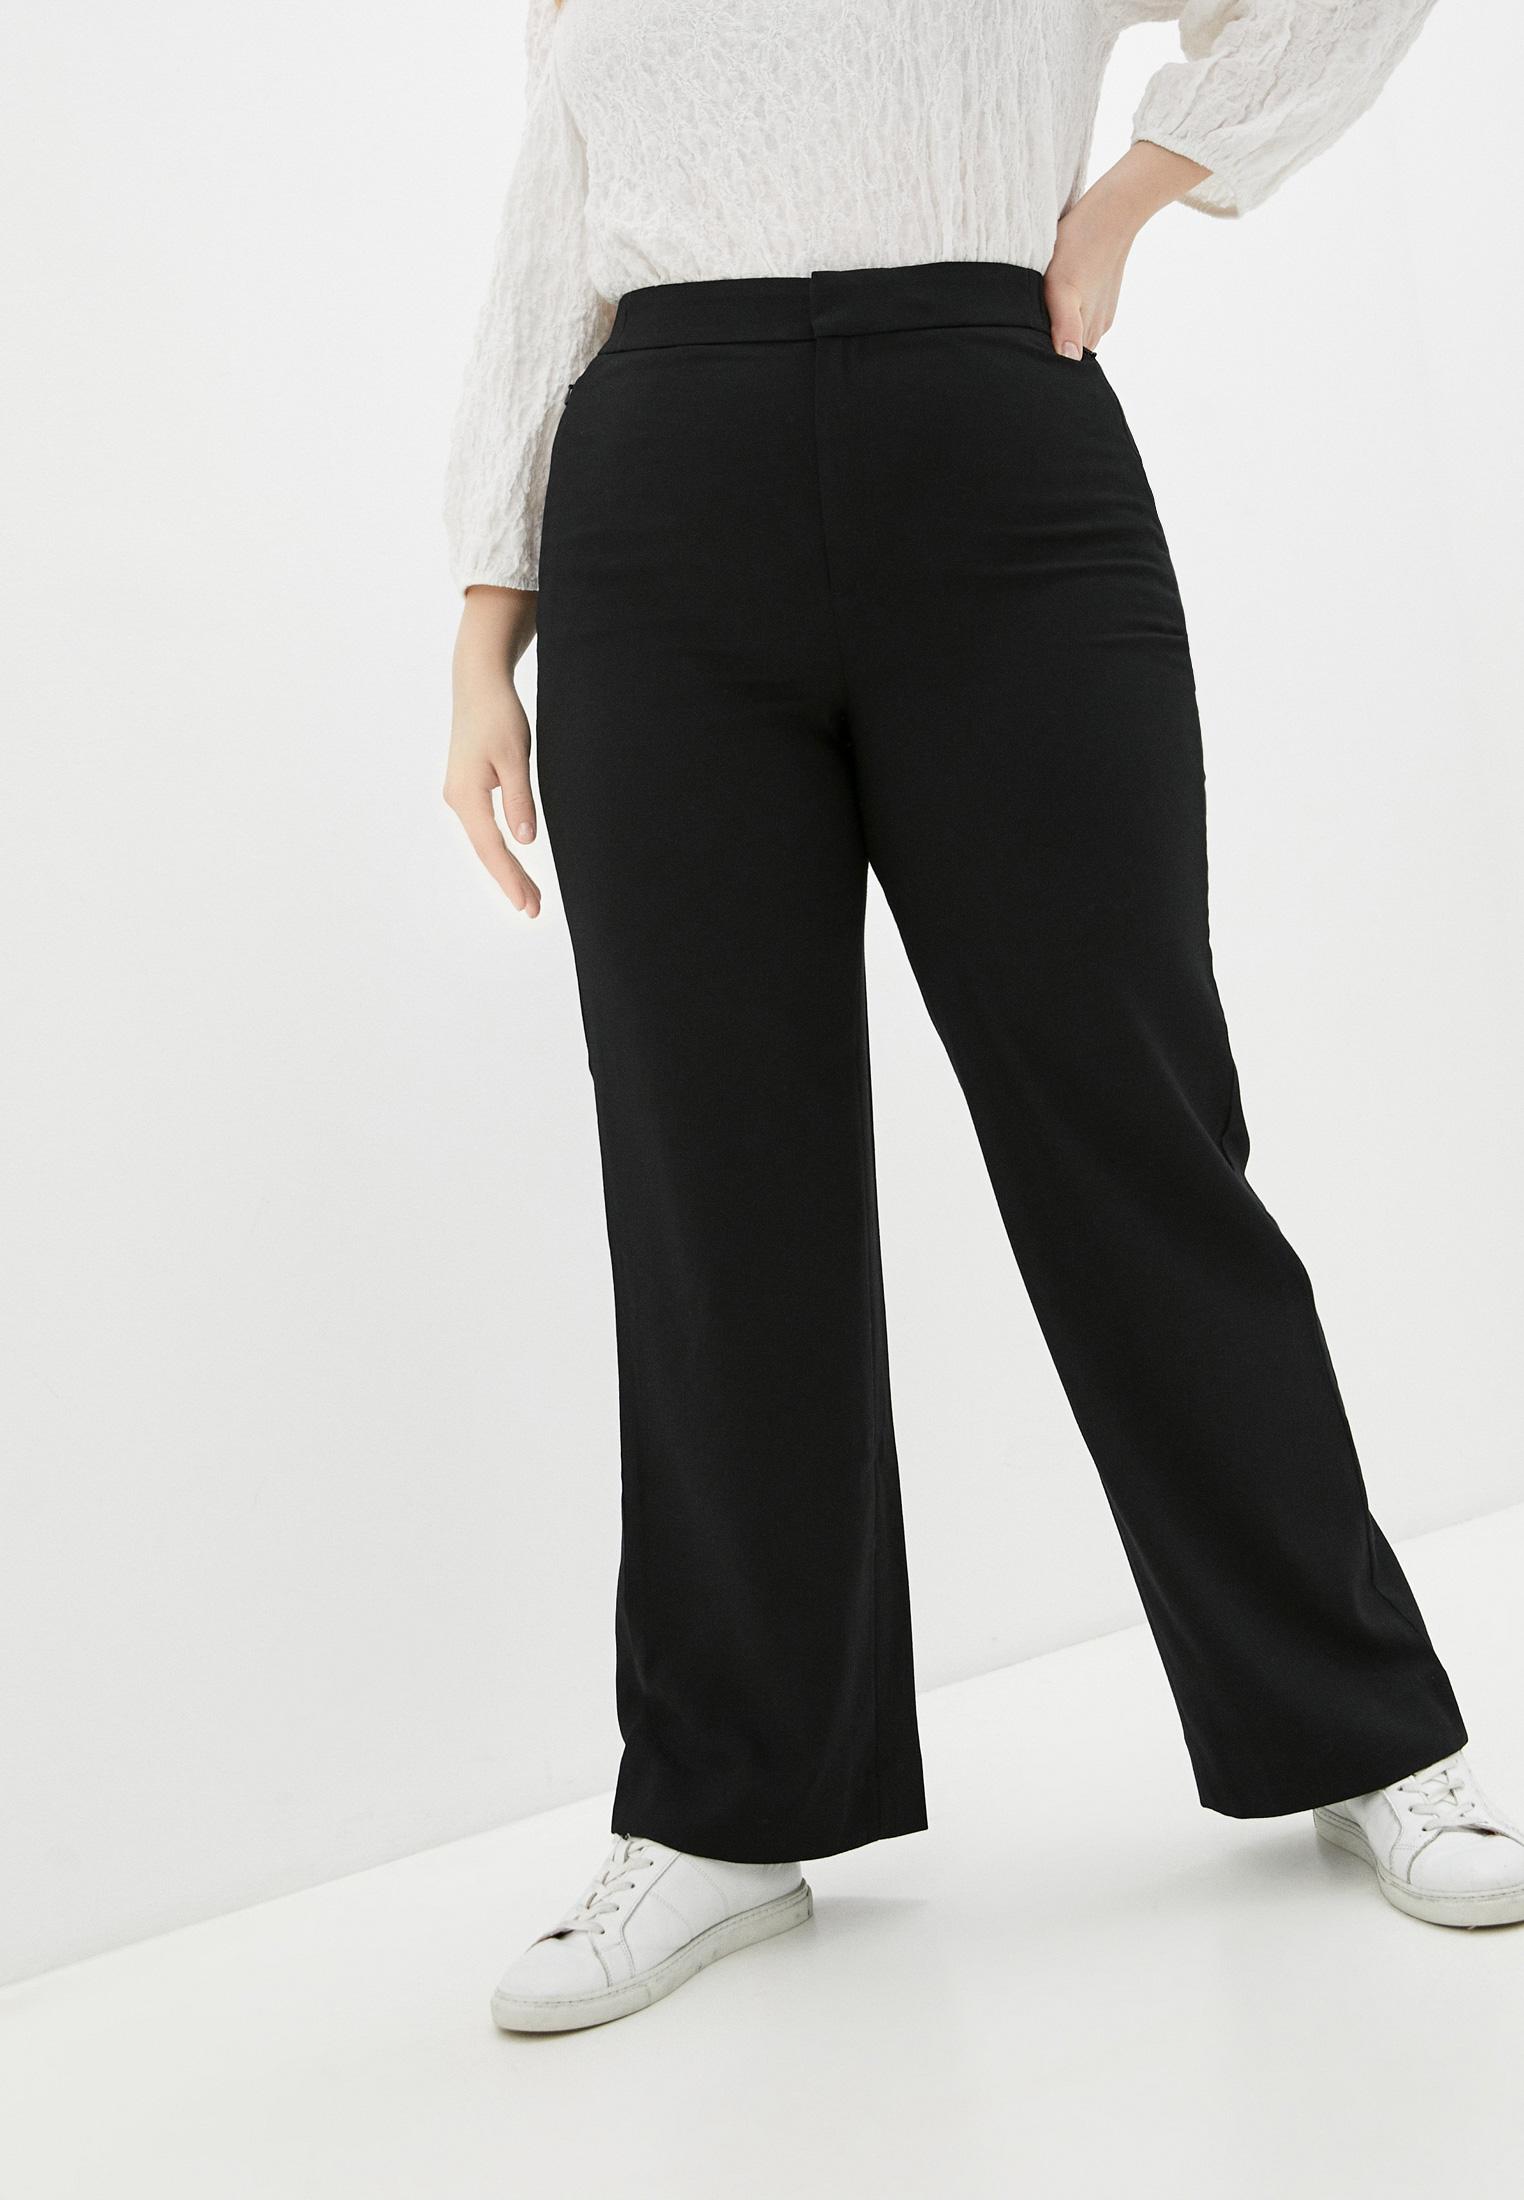 Женские прямые брюки Banana Republic (Банана Репаблик) Брюки Banana Republic